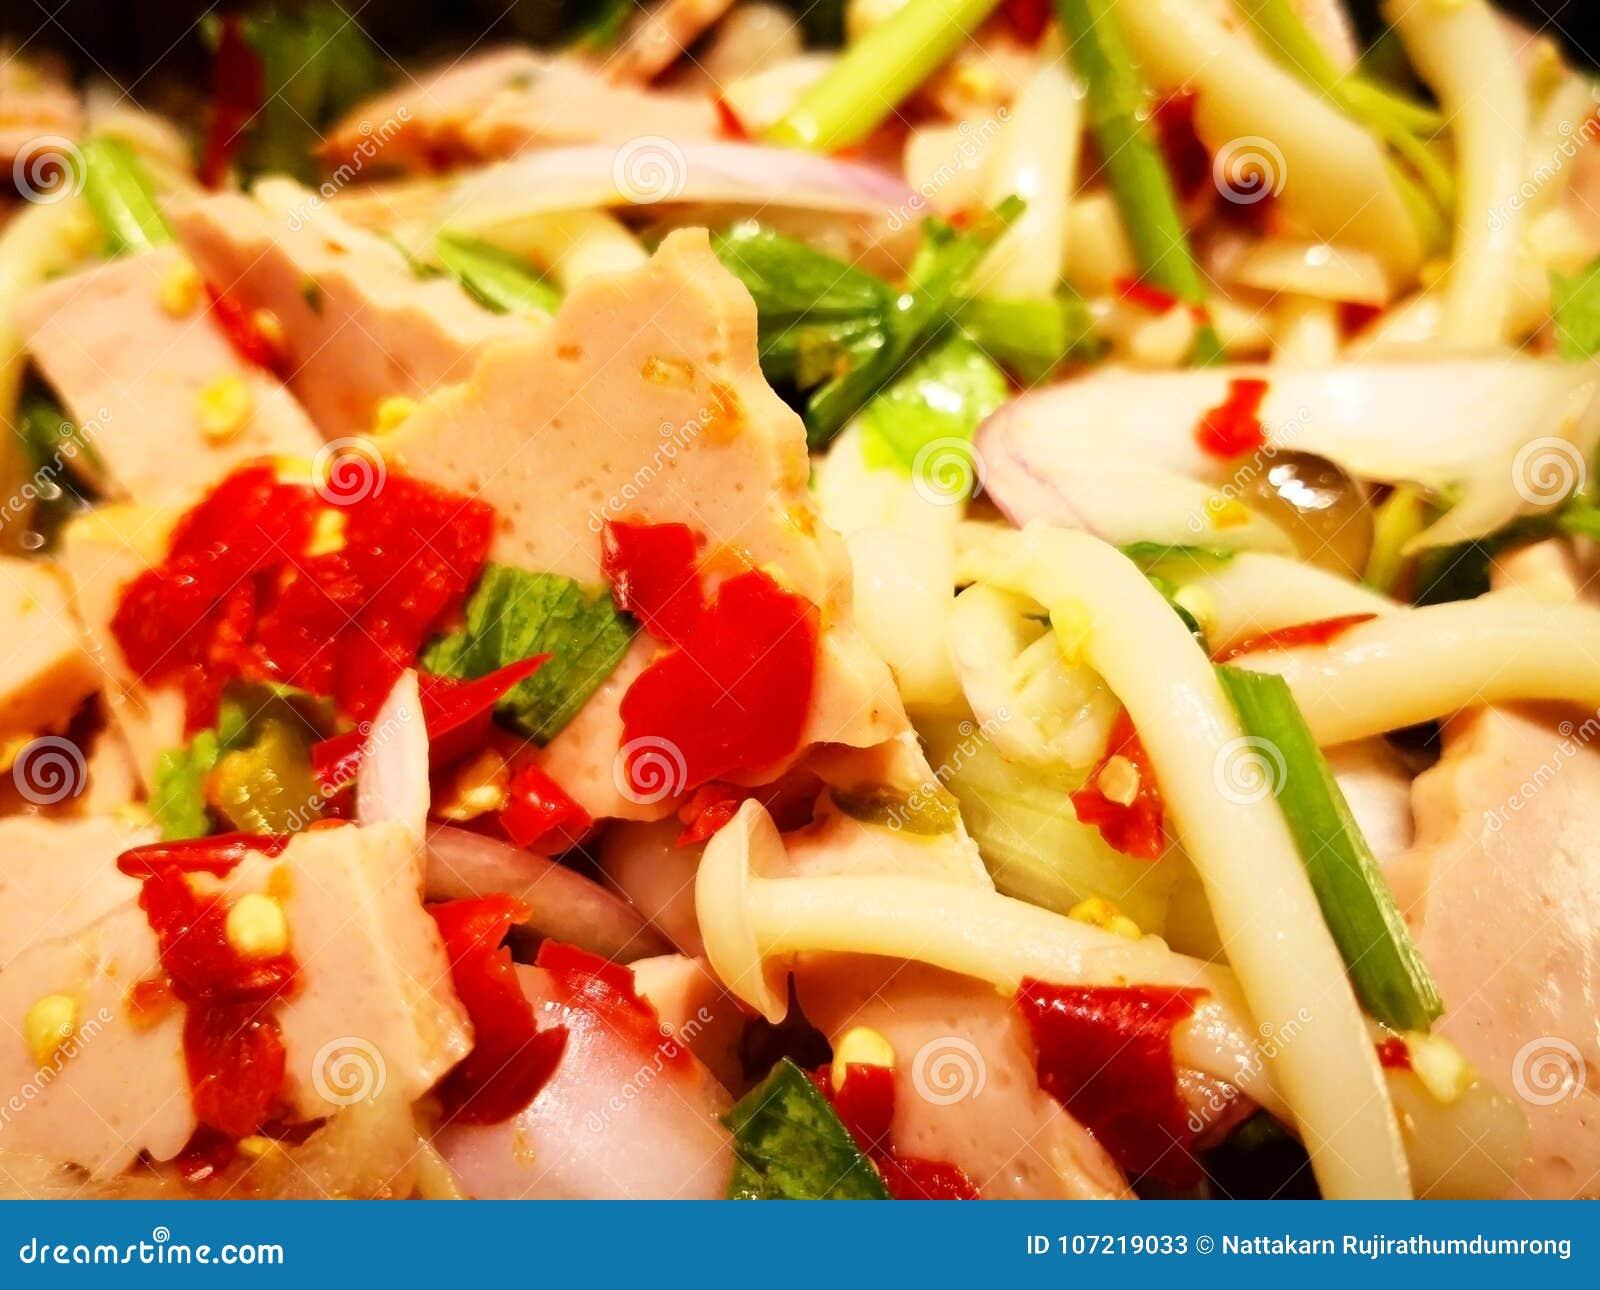 Würziger Schinkensalat ist thailändisches Lebensmittel, das die Bestandteile Schinkenpaprikas sind